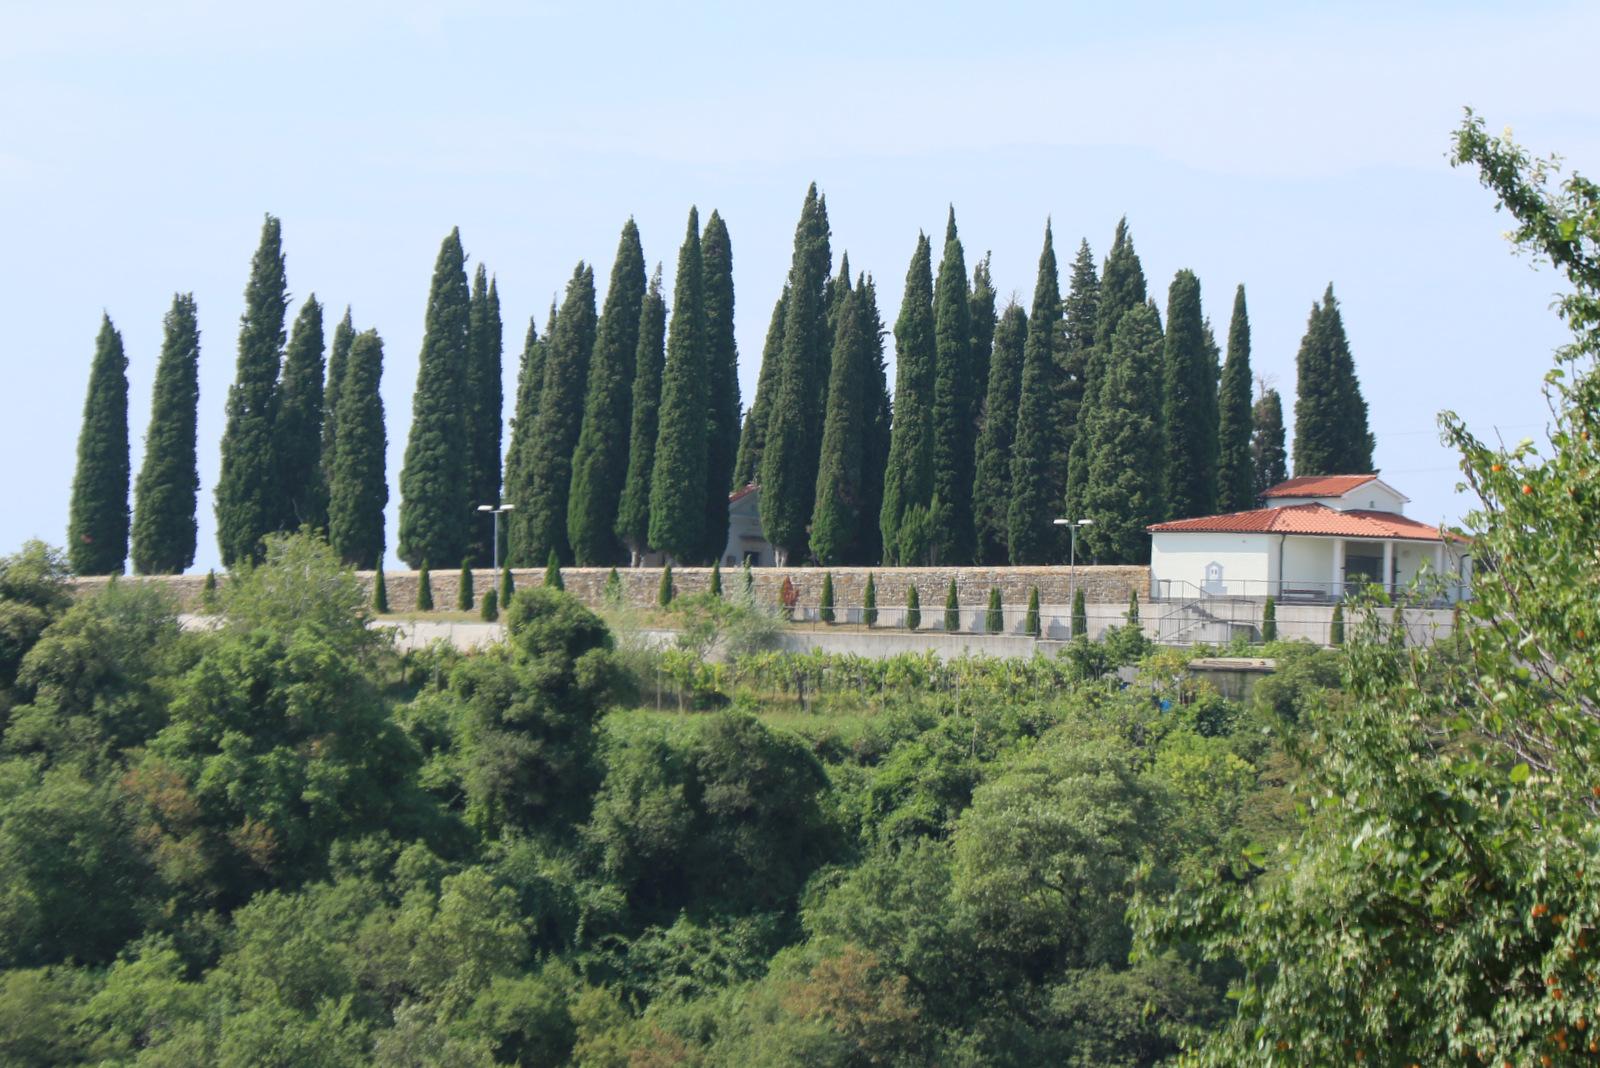 Pokopališče v Padni.